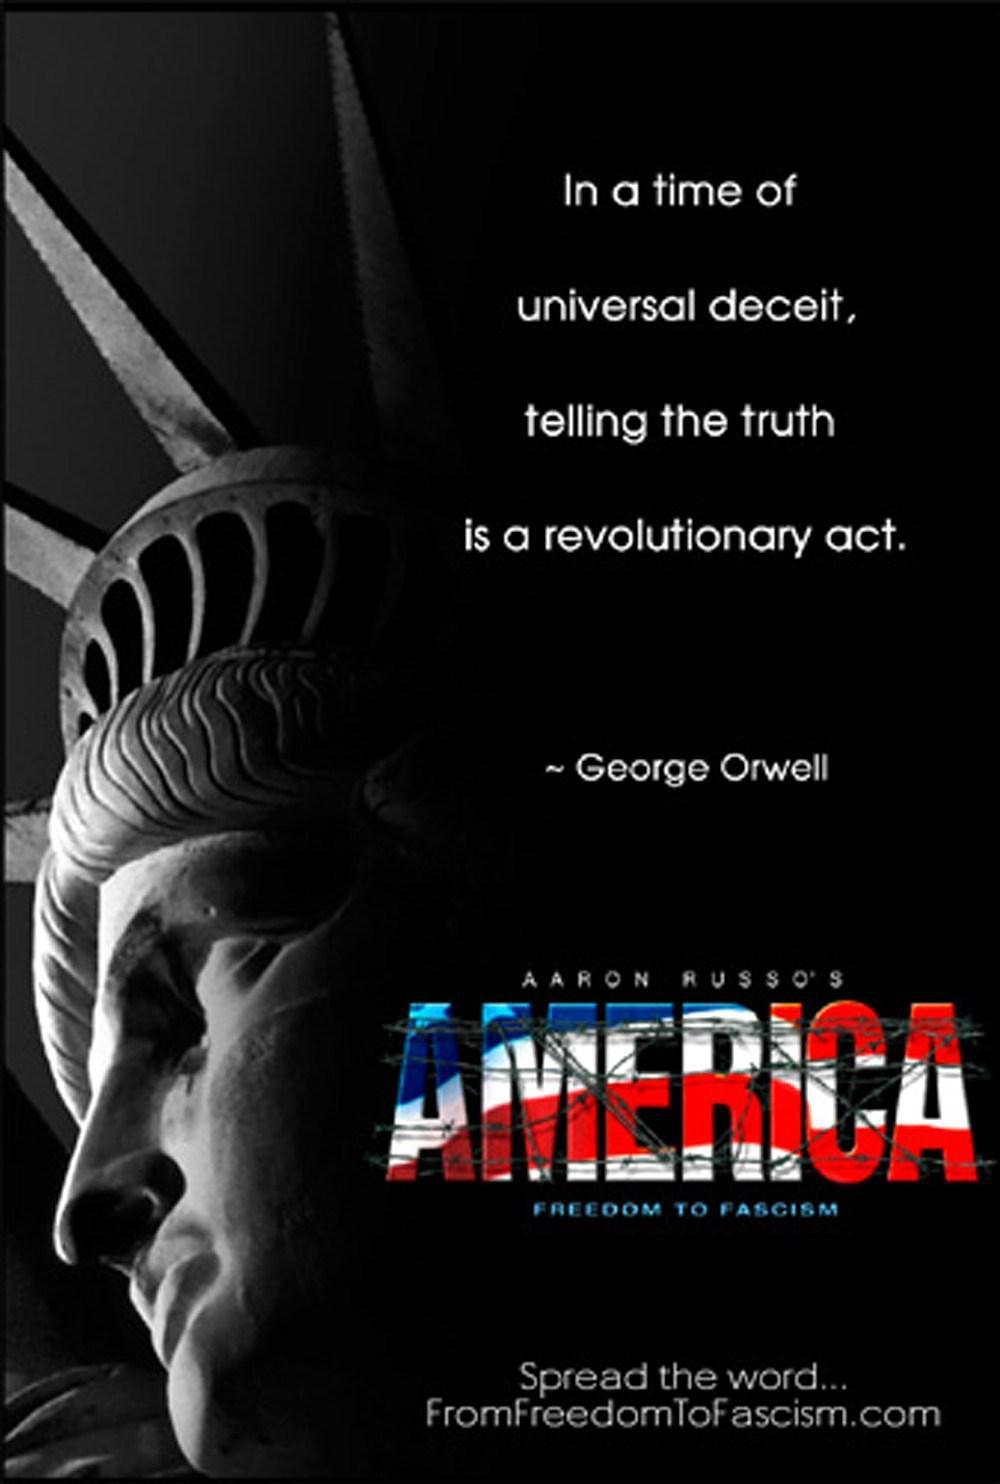 美国从自由到法西斯主义